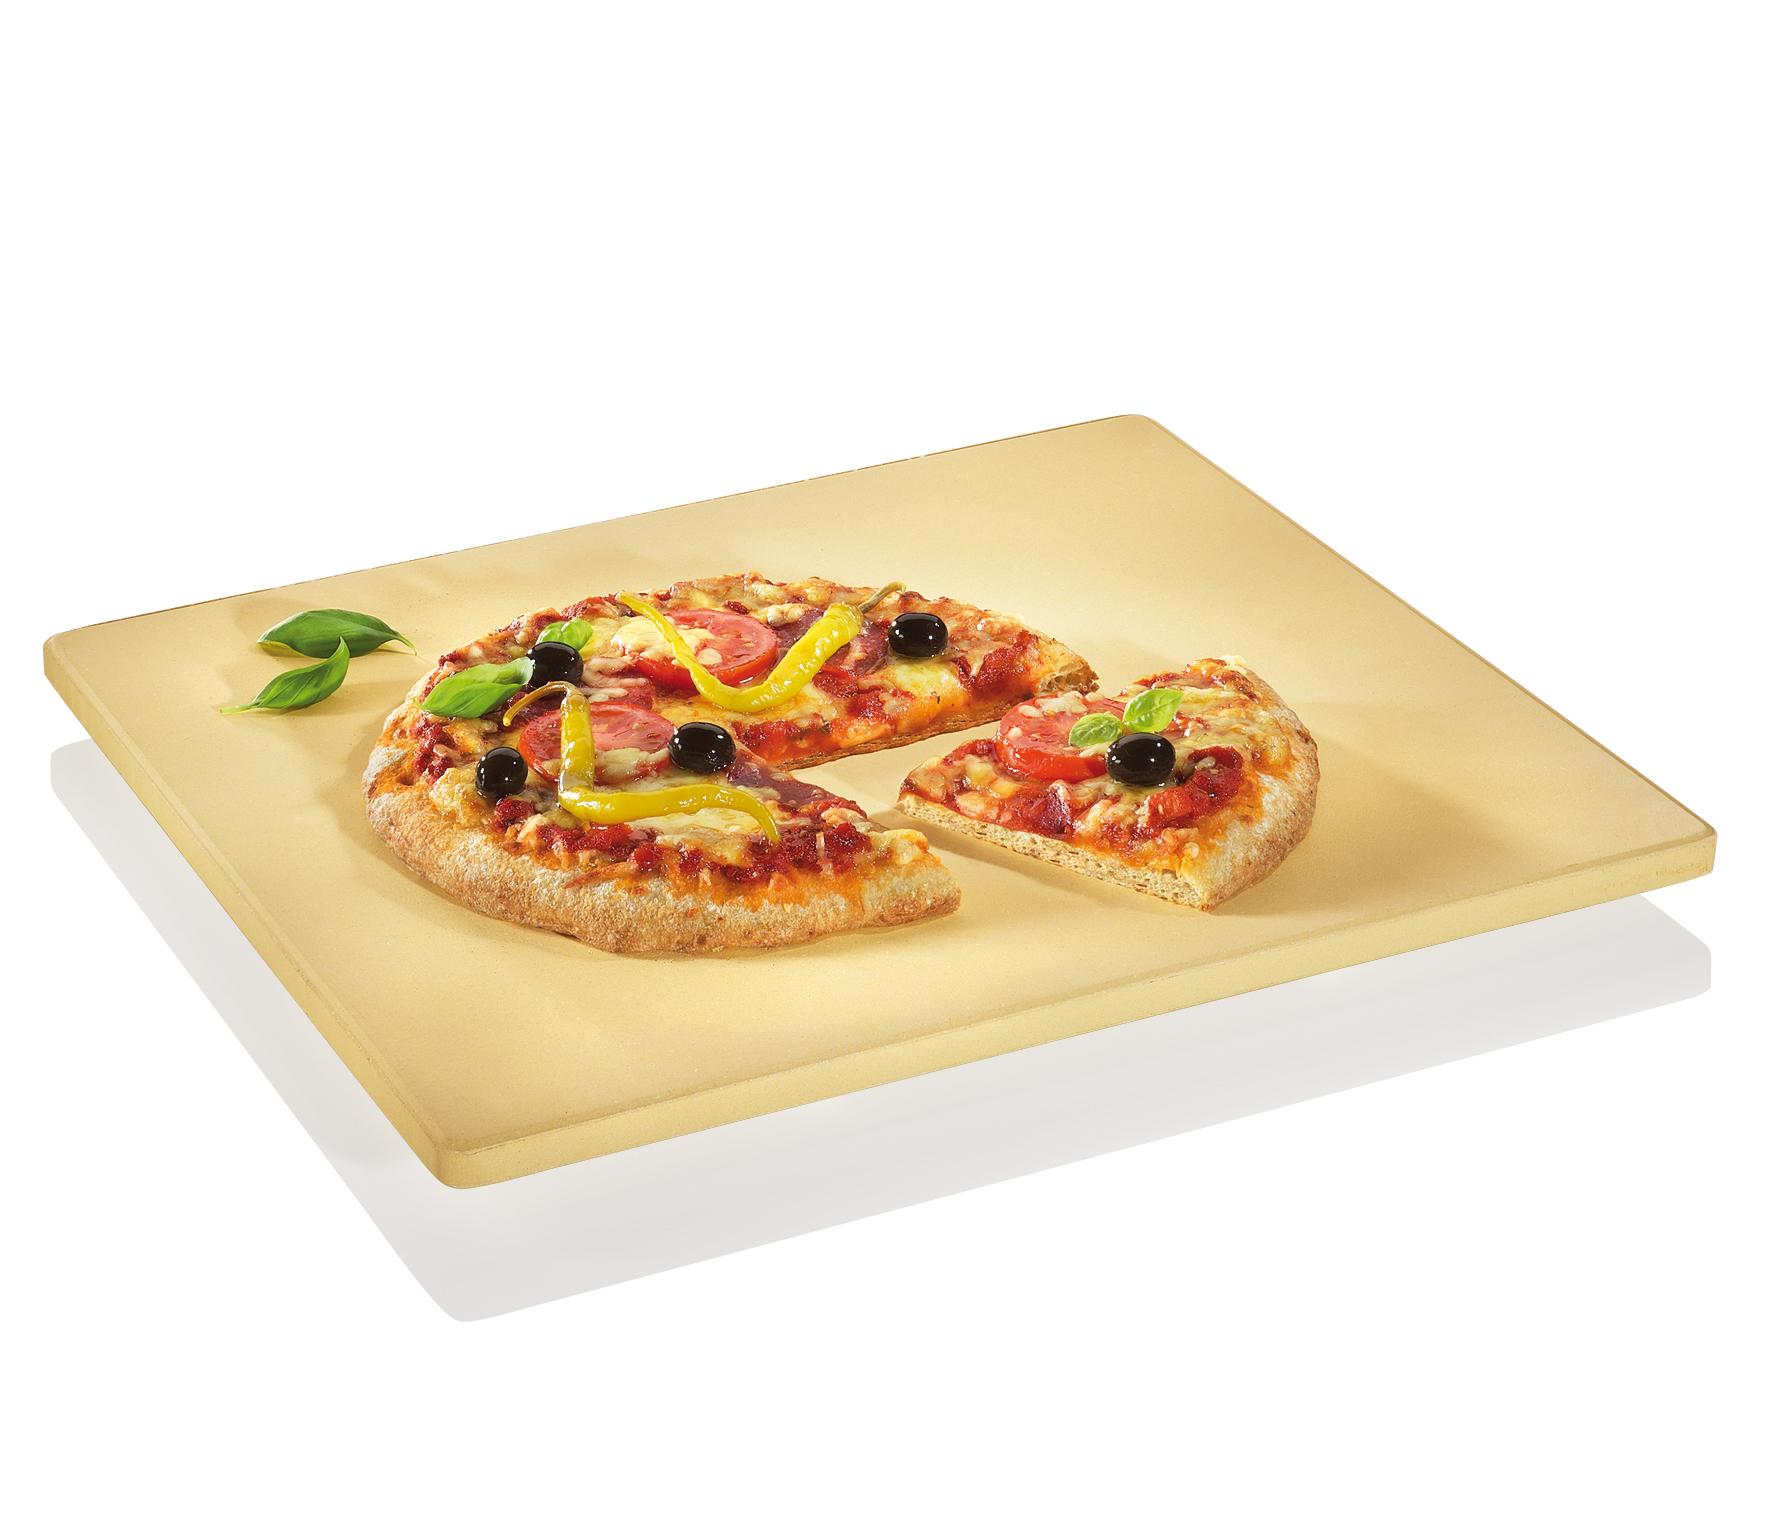 Ergebnisse zu Pizzastein Pizzaconnection Ulm de